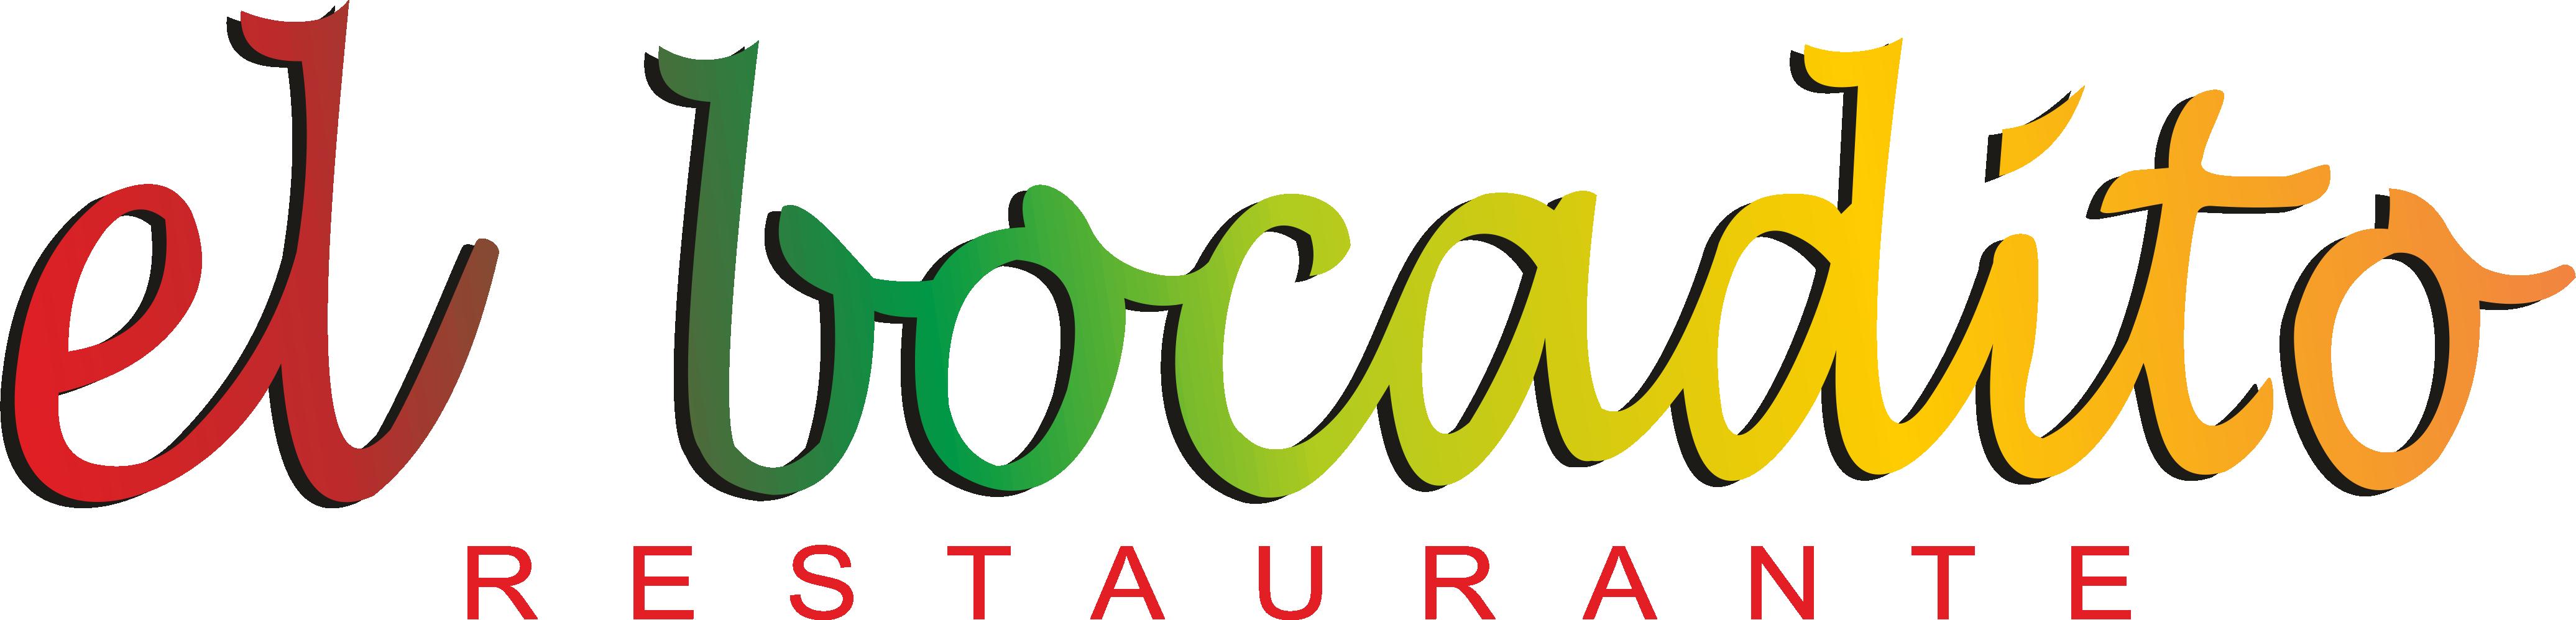 el bocadito logo